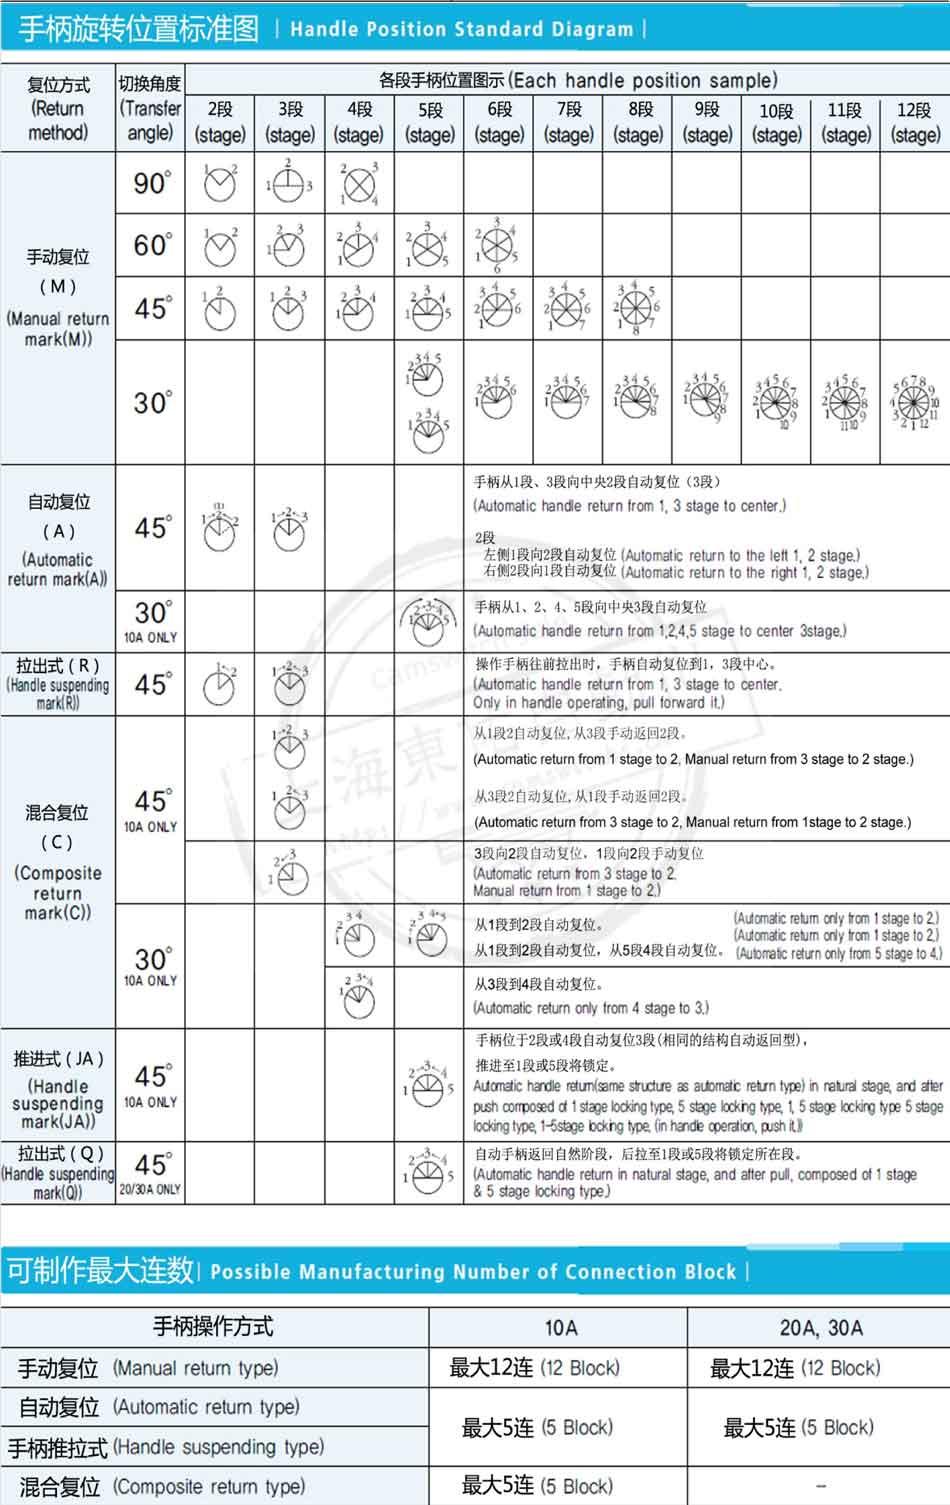 韩国龙声YONGSUNG转换开关手柄旋转位置标准图。